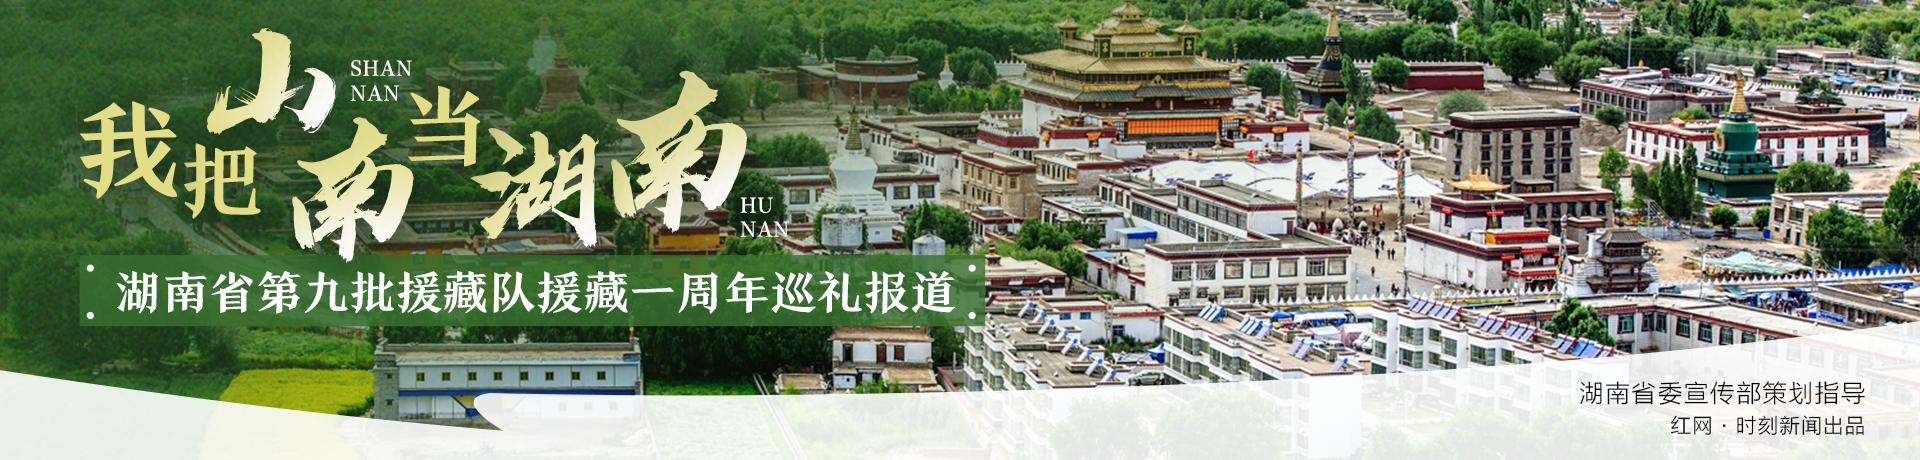 专题丨我把山南当湖南——湖南省第九批援藏队一周年巡礼